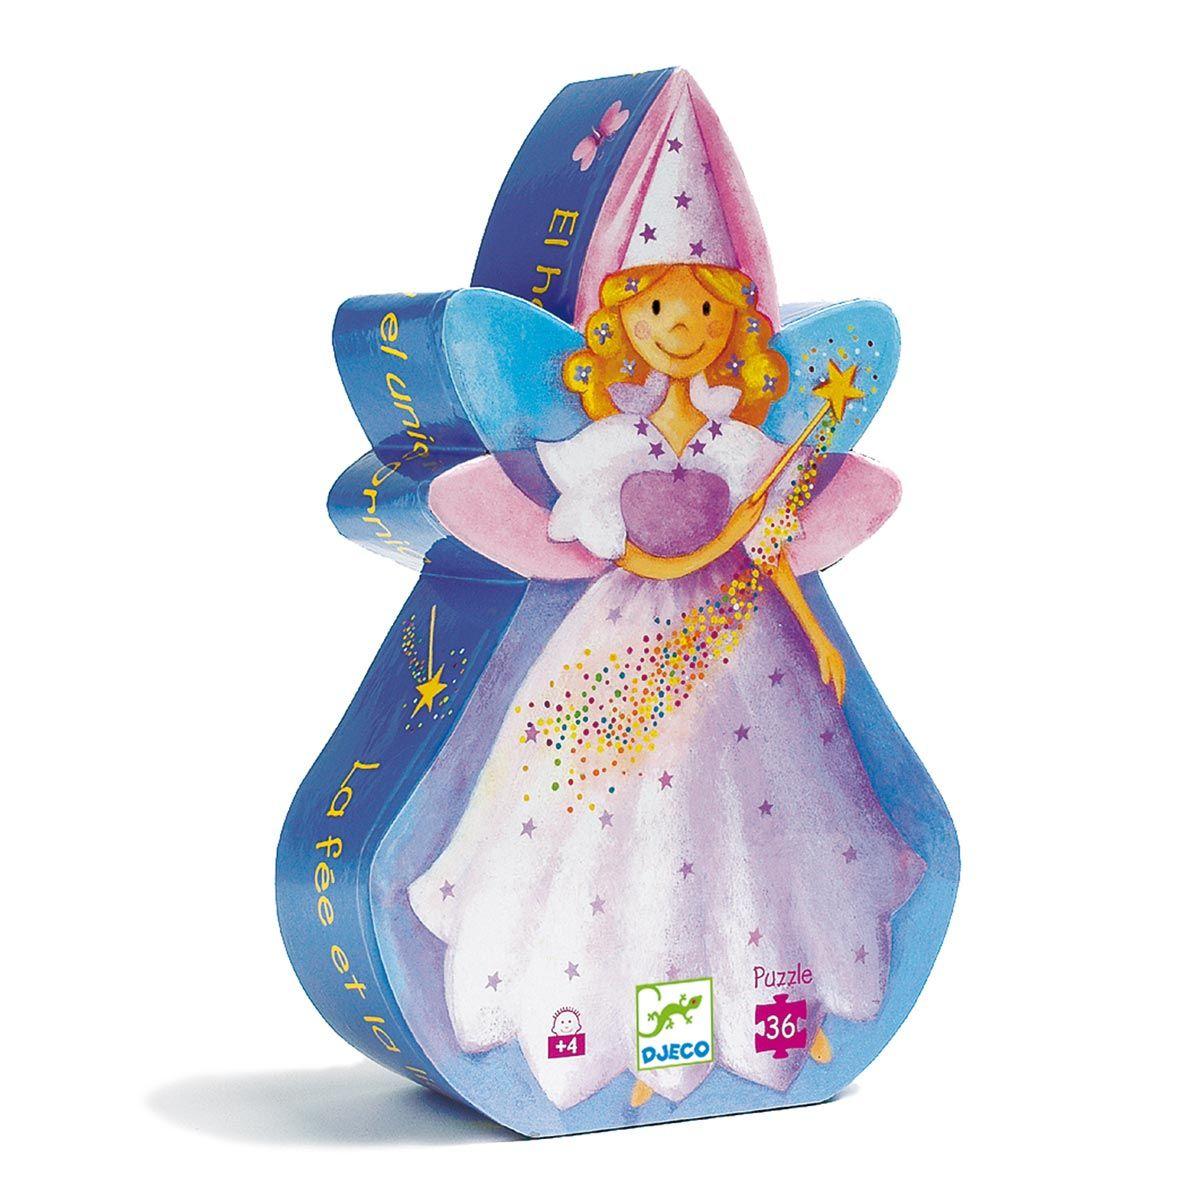 Puzzle La Fée Et La Licorne 36 Pièces Djeco | Silhouette De tout Jeux De Fille Puzzle